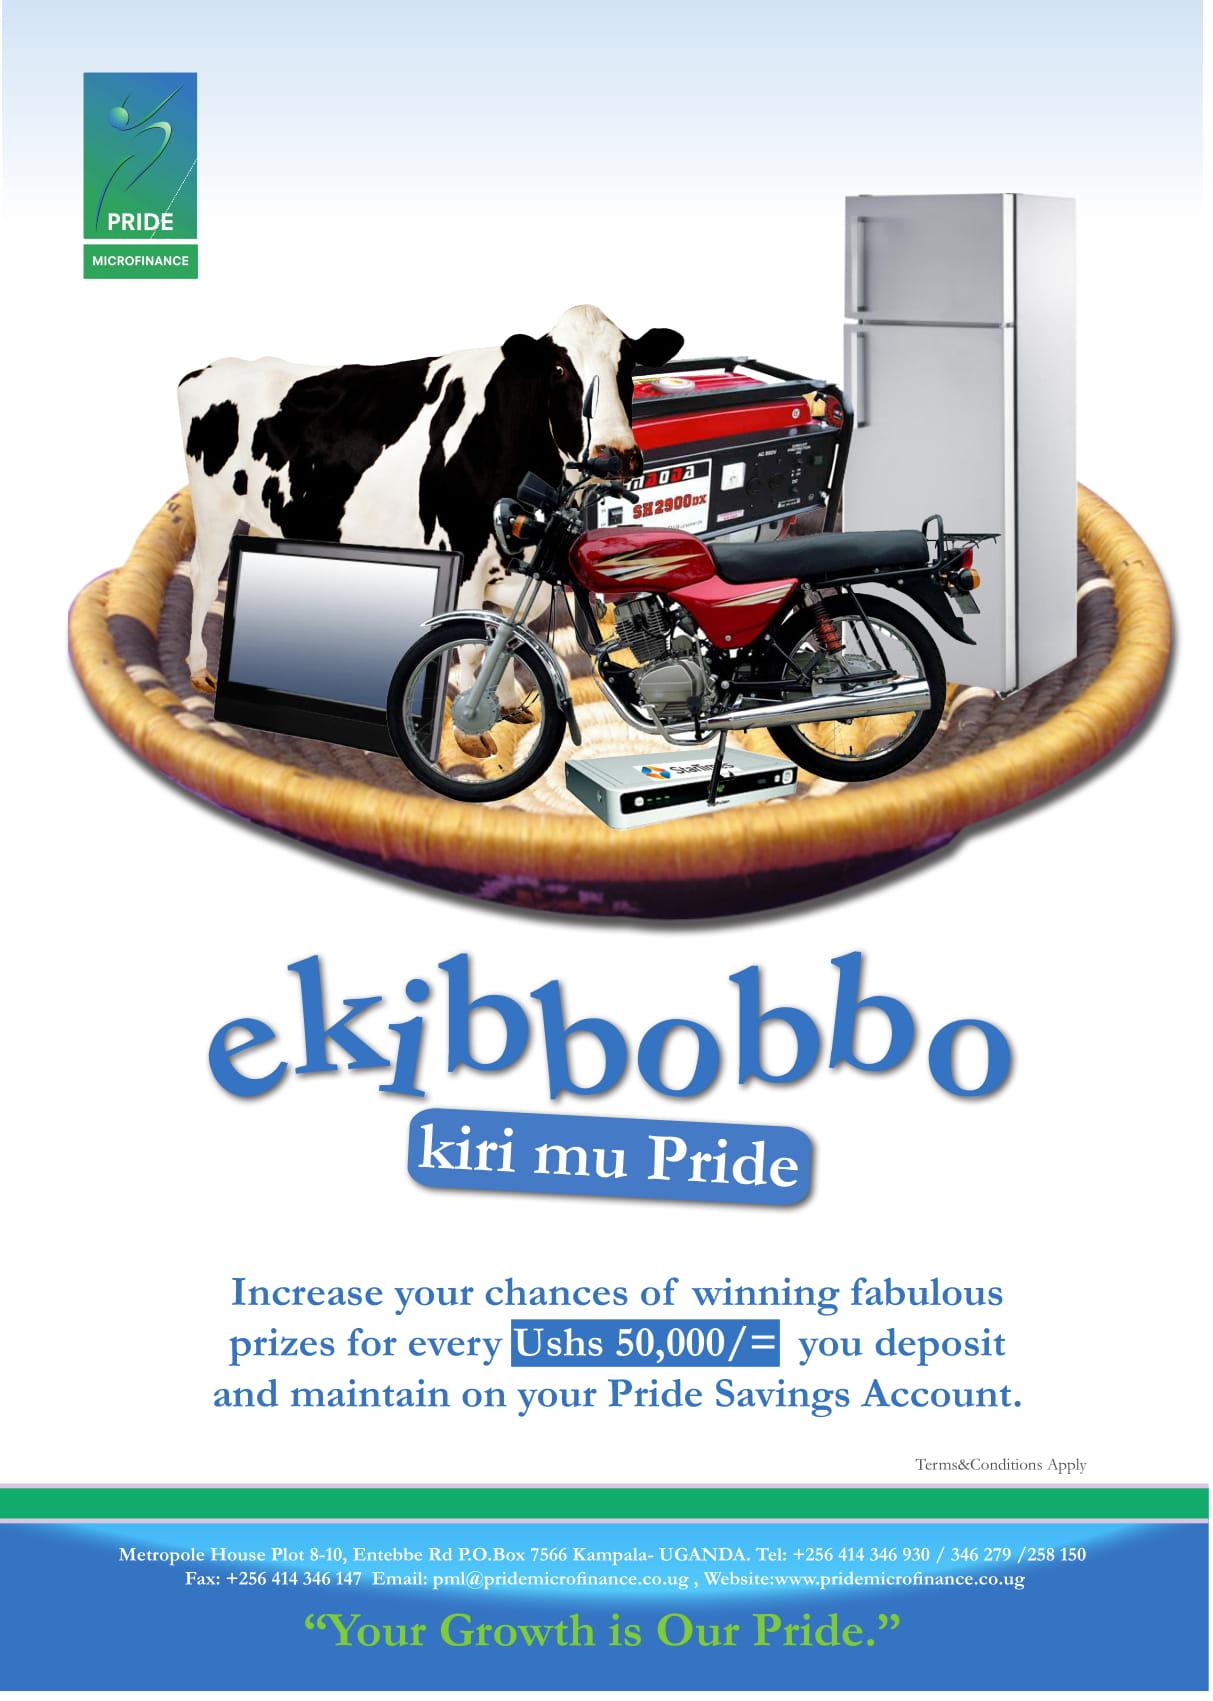 Pride MicroFinance- Ekibbobbo Promotion | Terp Media